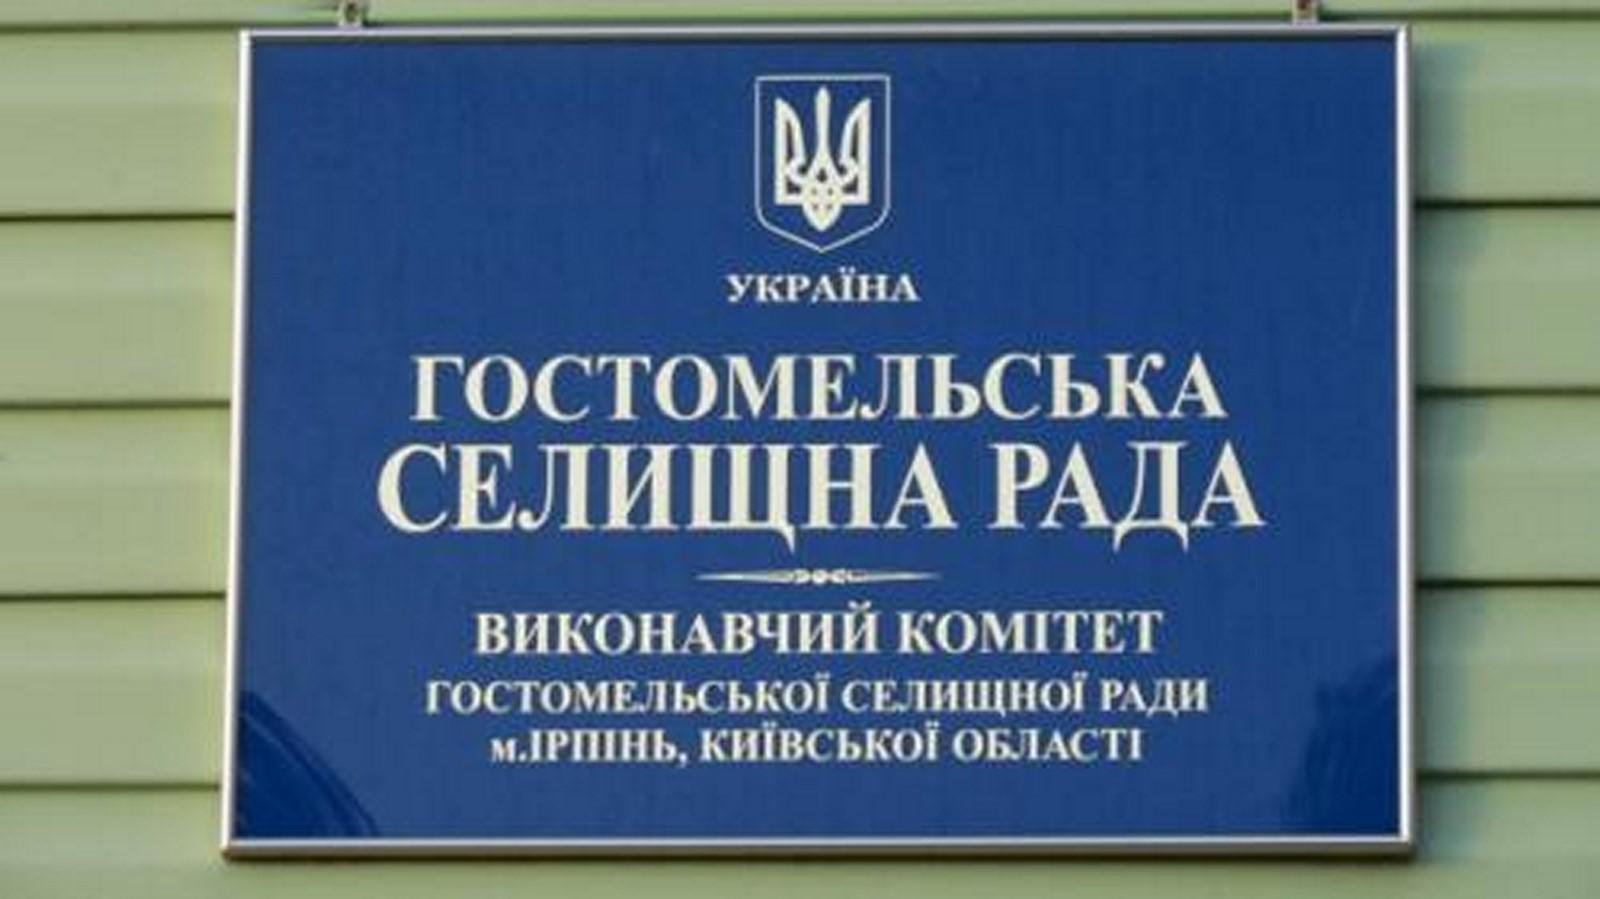 6 червня відбудеться засідання виконавчого комітету Гостомельської селищної ради